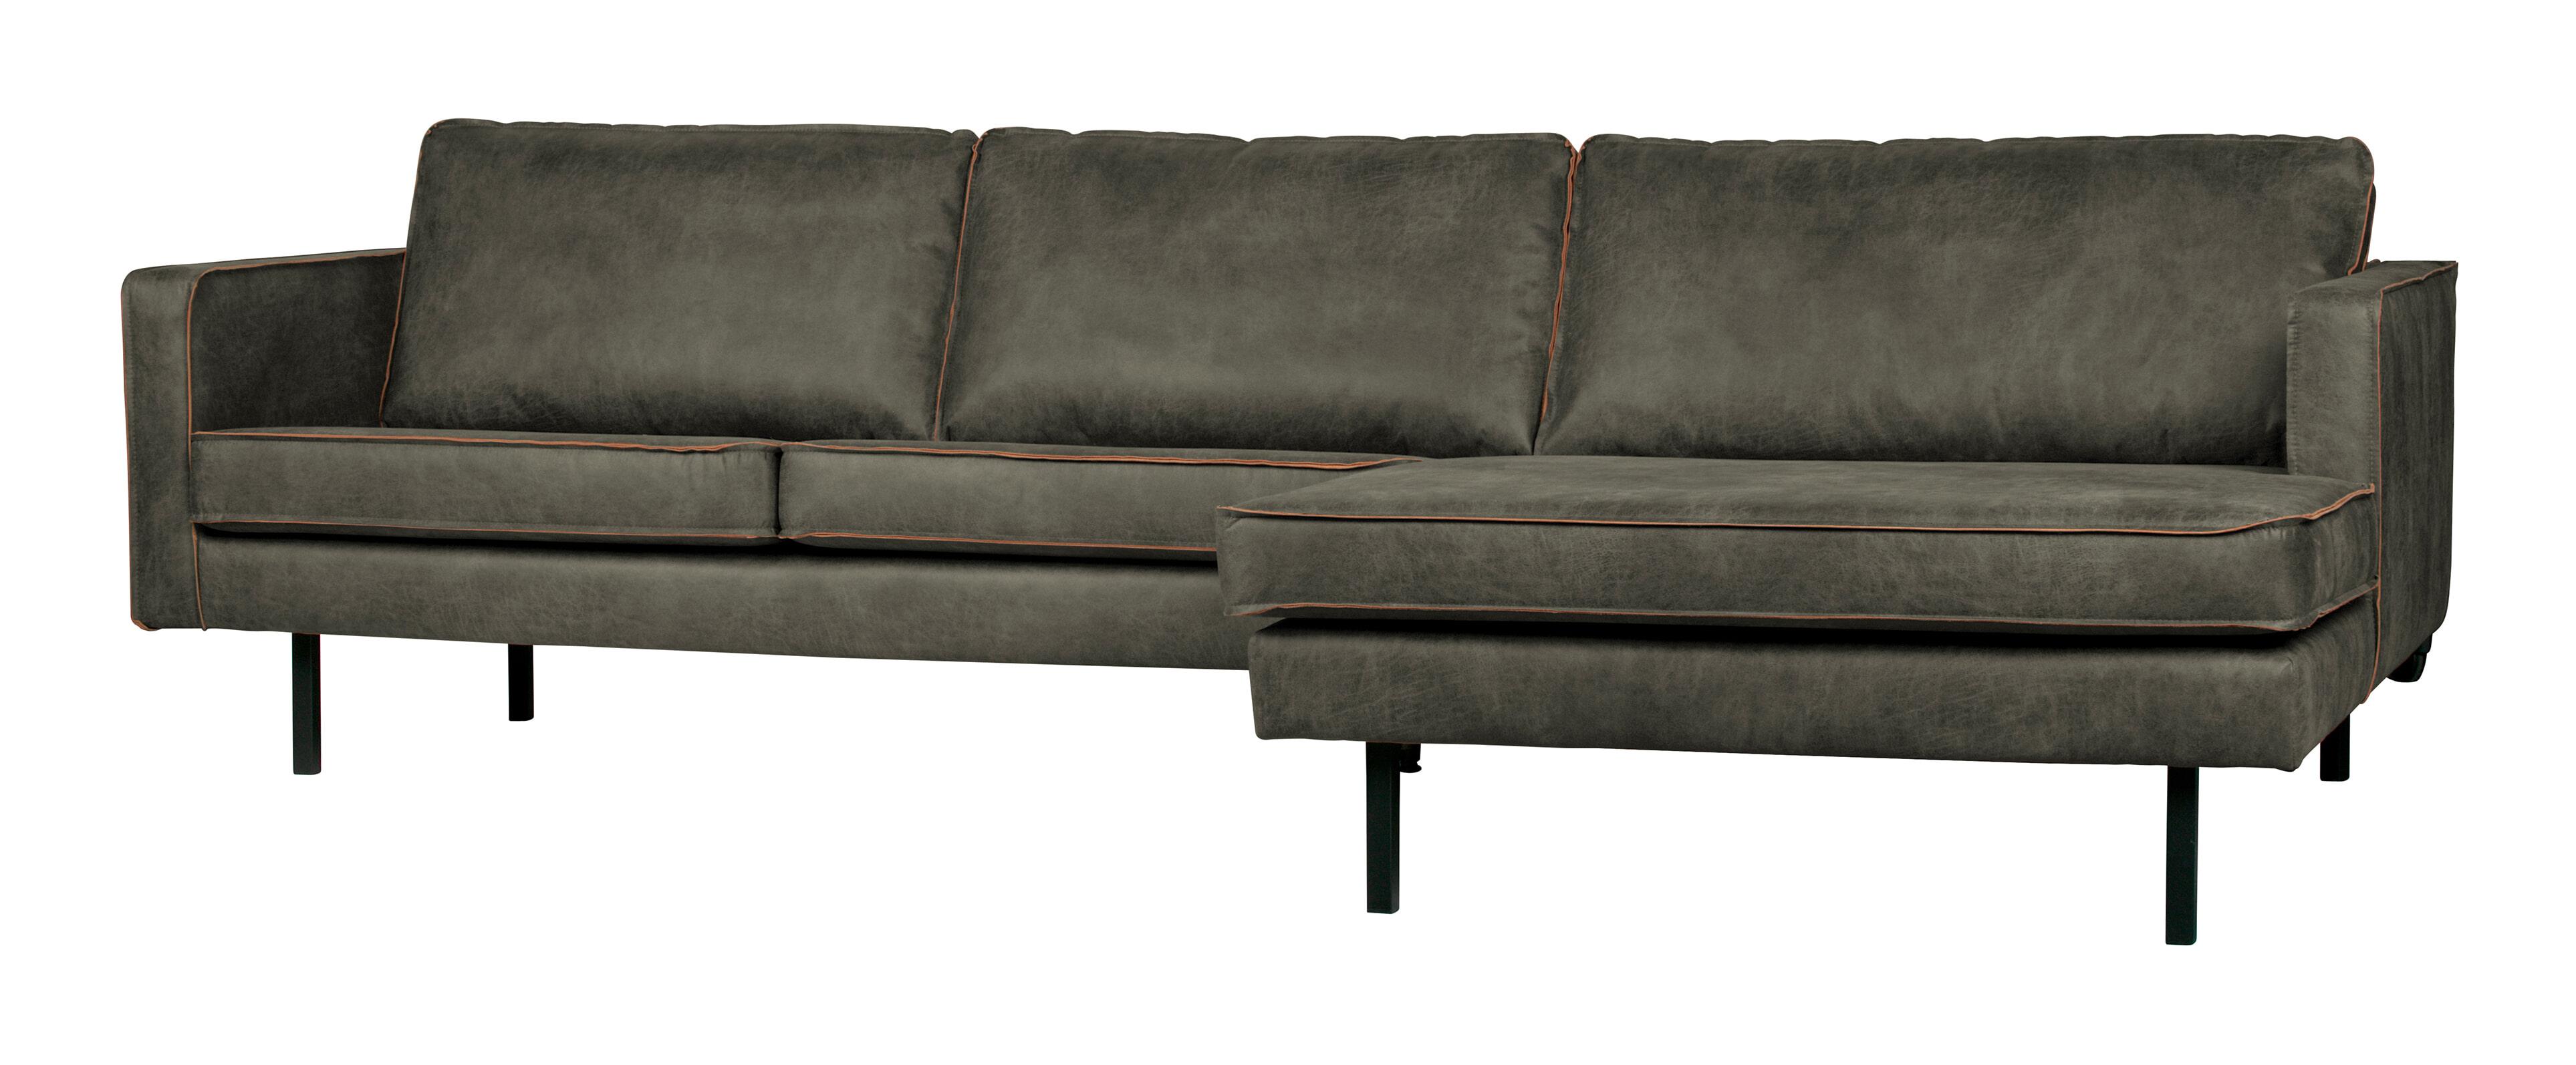 BePureHome Loungebank 'Rodeo' Rechts, Eco Leder, kleur Legergroen Eco Leder: 70% leder en 30% polyester aanschaffen? Kijk hier!